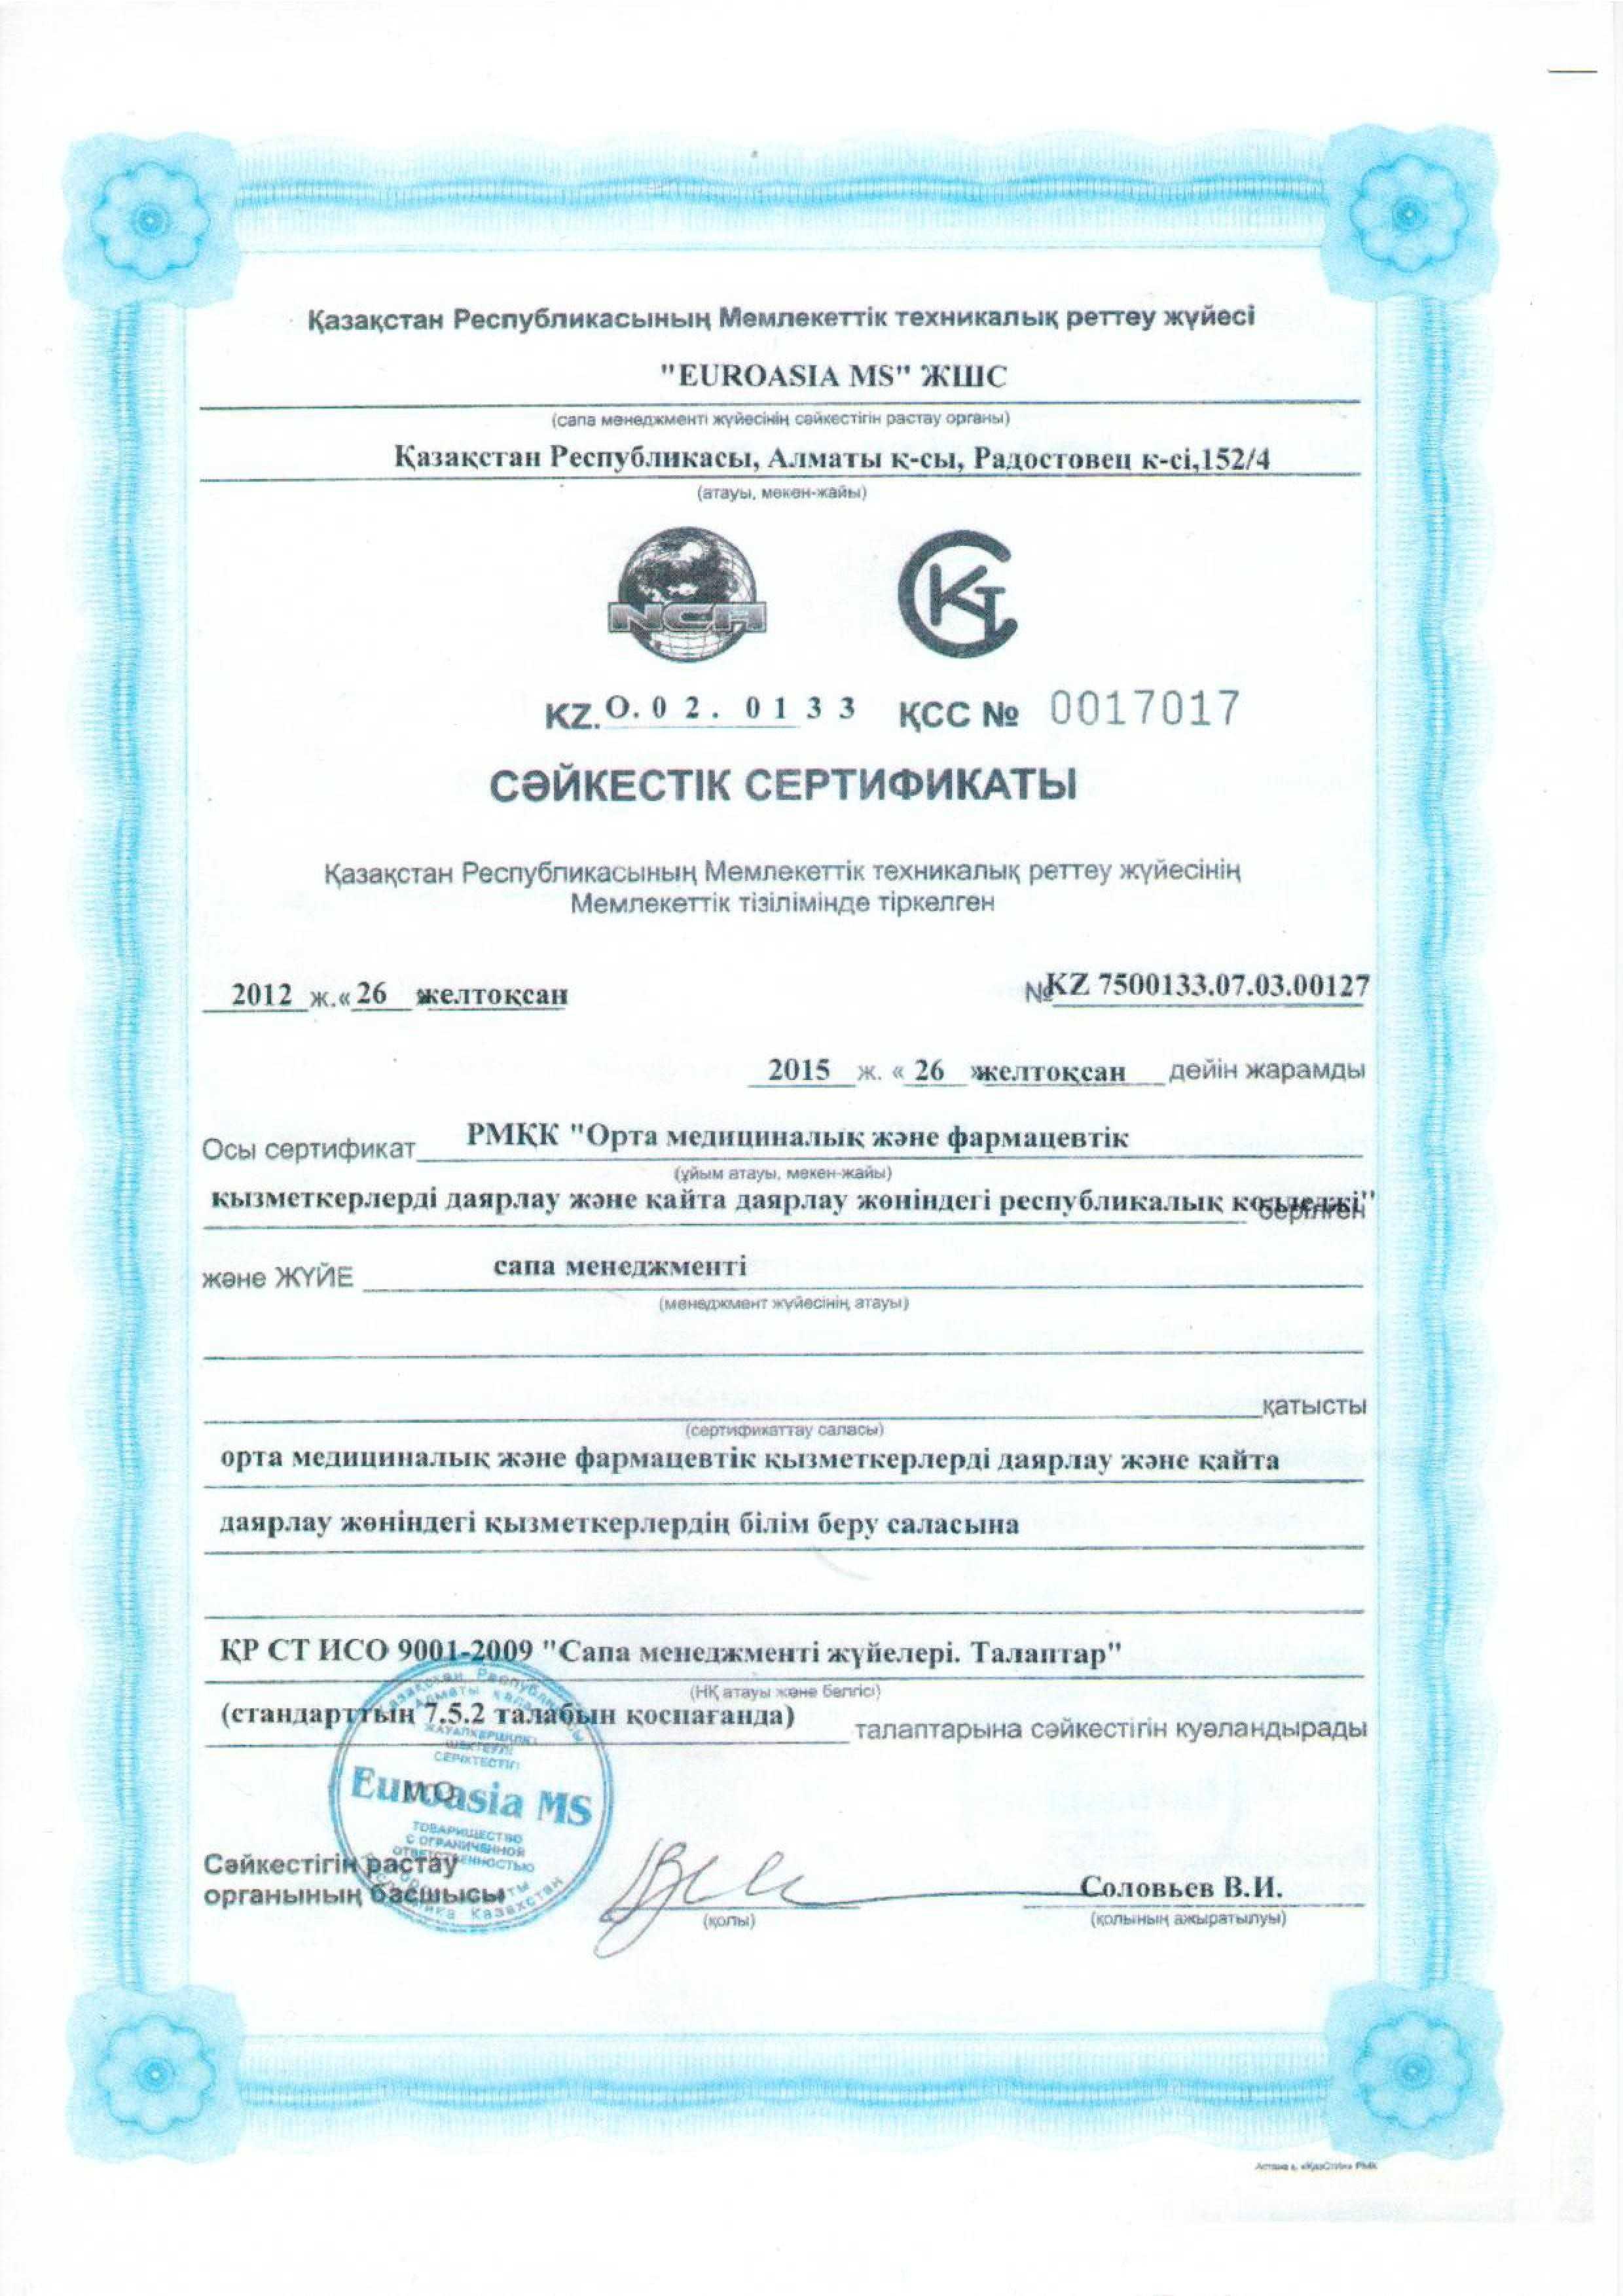 doc3 - Правоустанавливающие документы